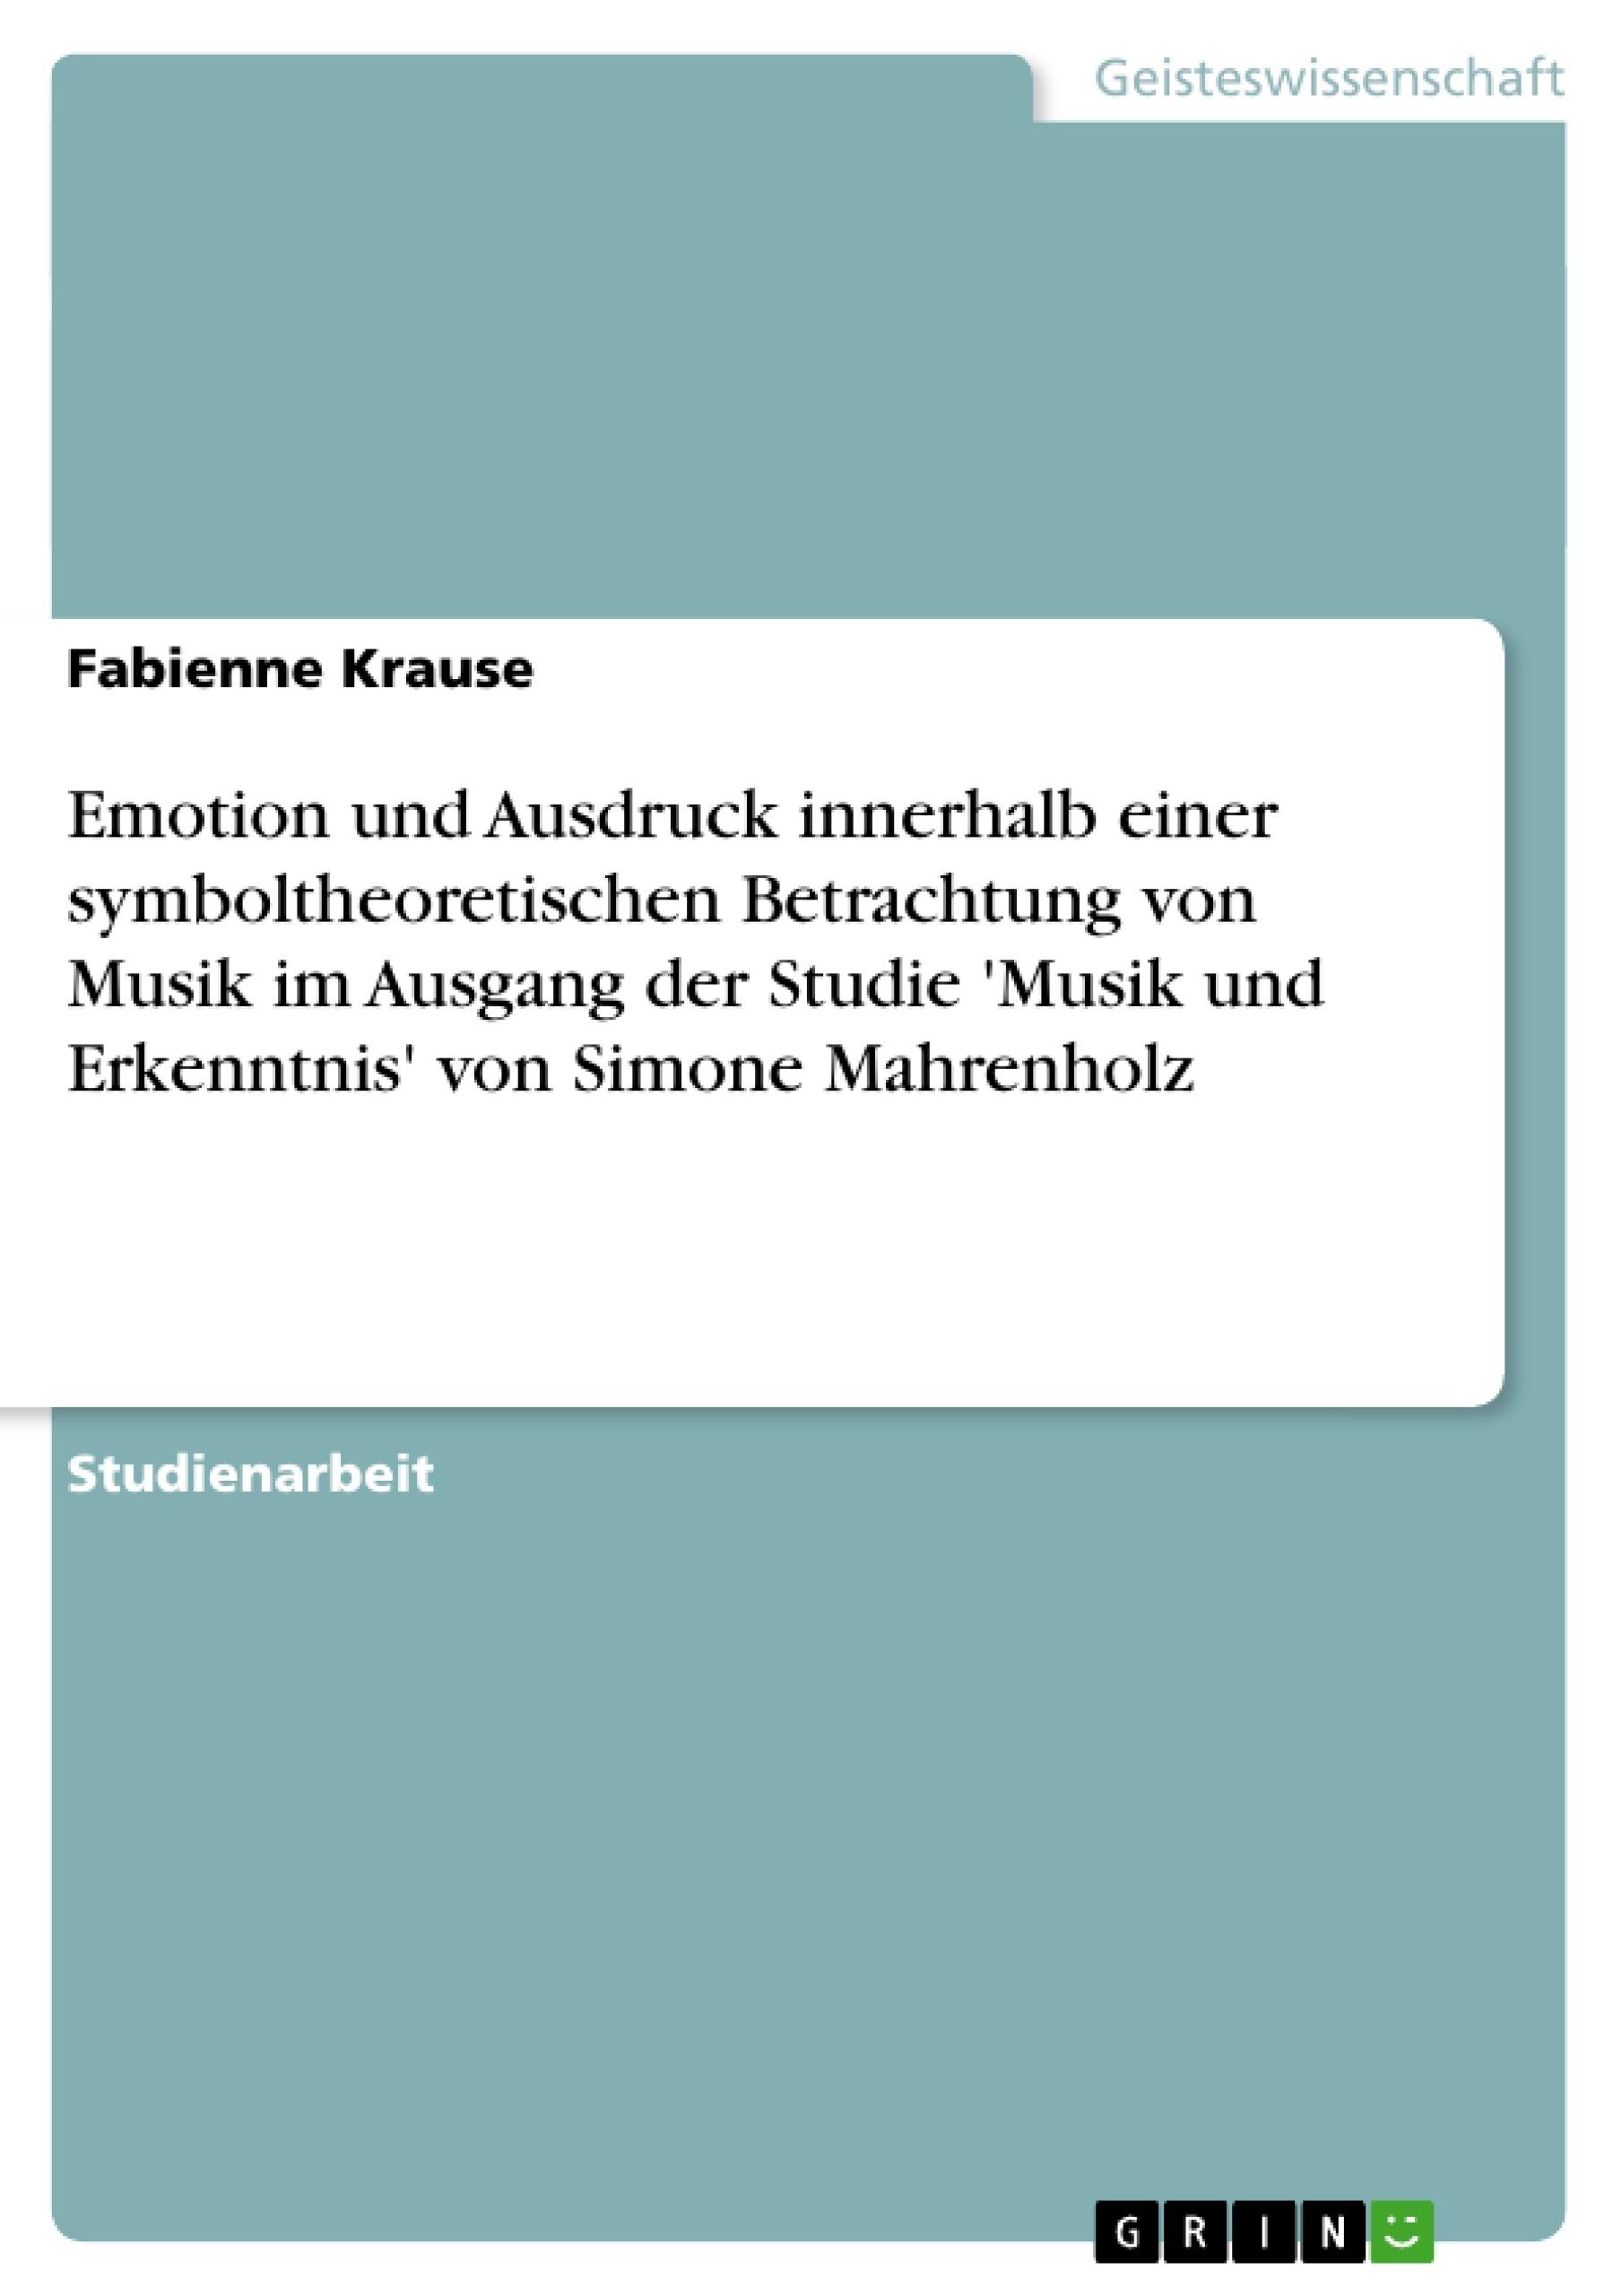 Titel: Emotion und Ausdruck innerhalb einer symboltheoretischen Betrachtung von Musik im Ausgang der Studie 'Musik und Erkenntnis' von Simone Mahrenholz